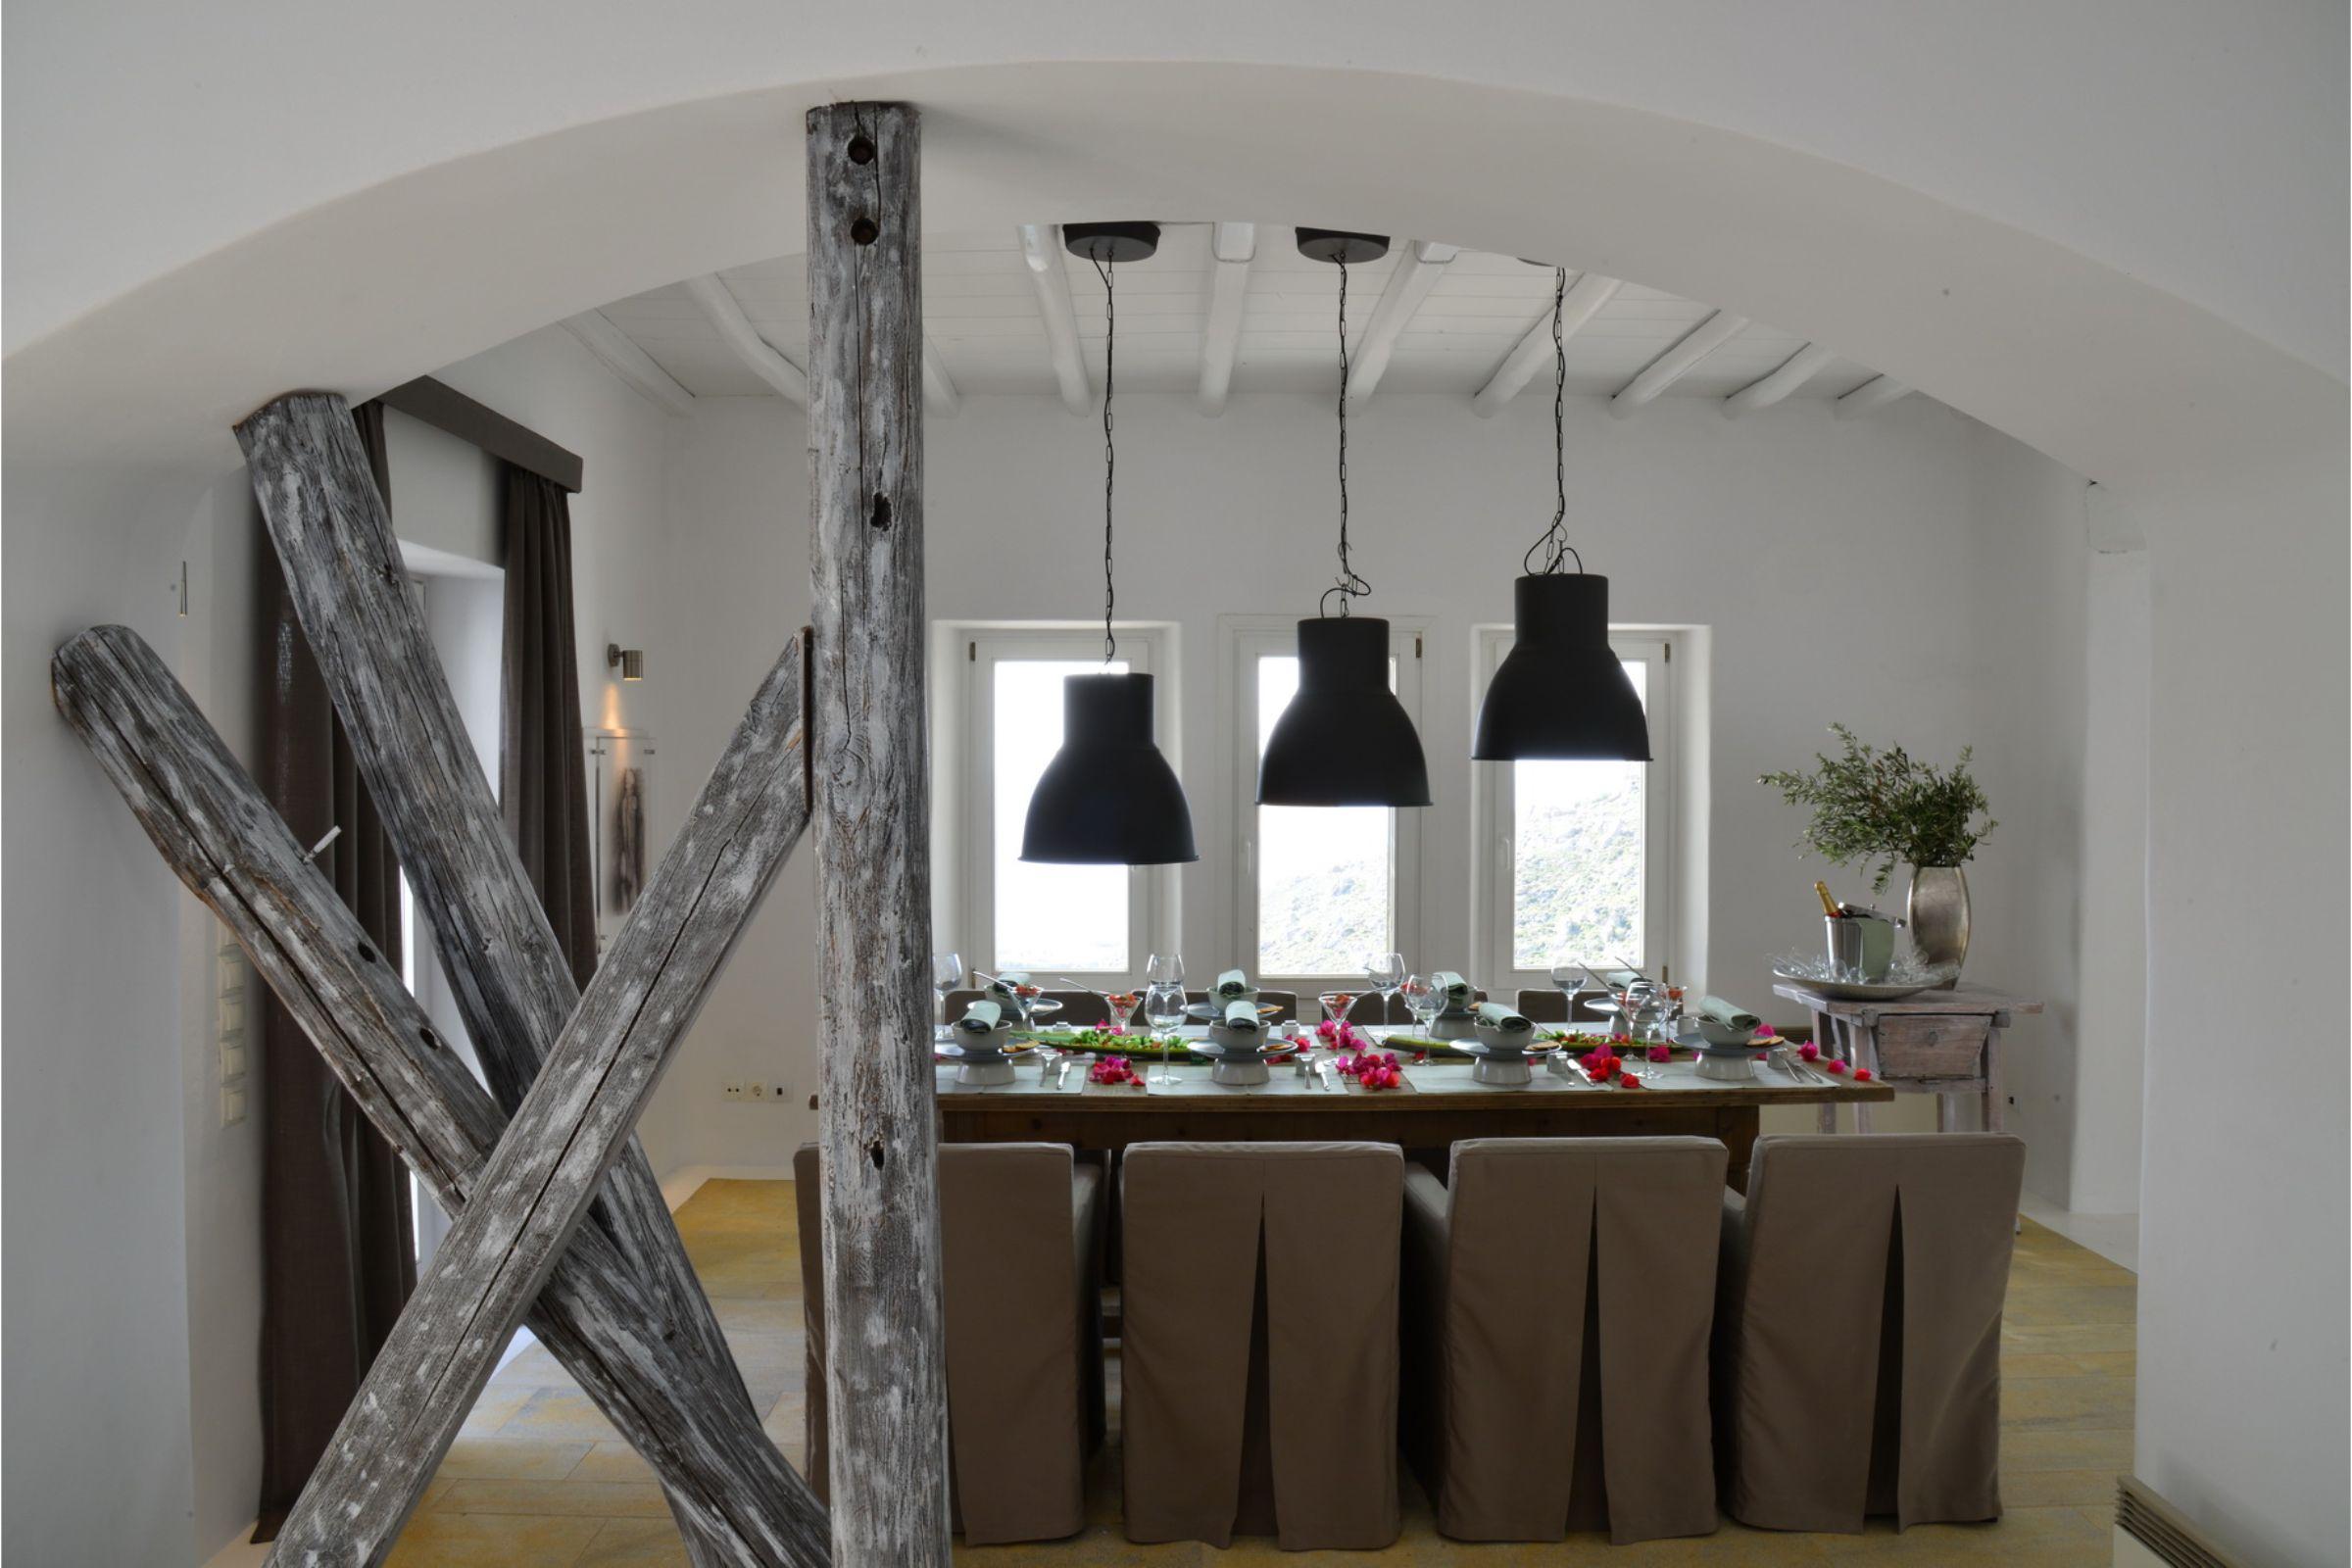 villa agrari rocks dining